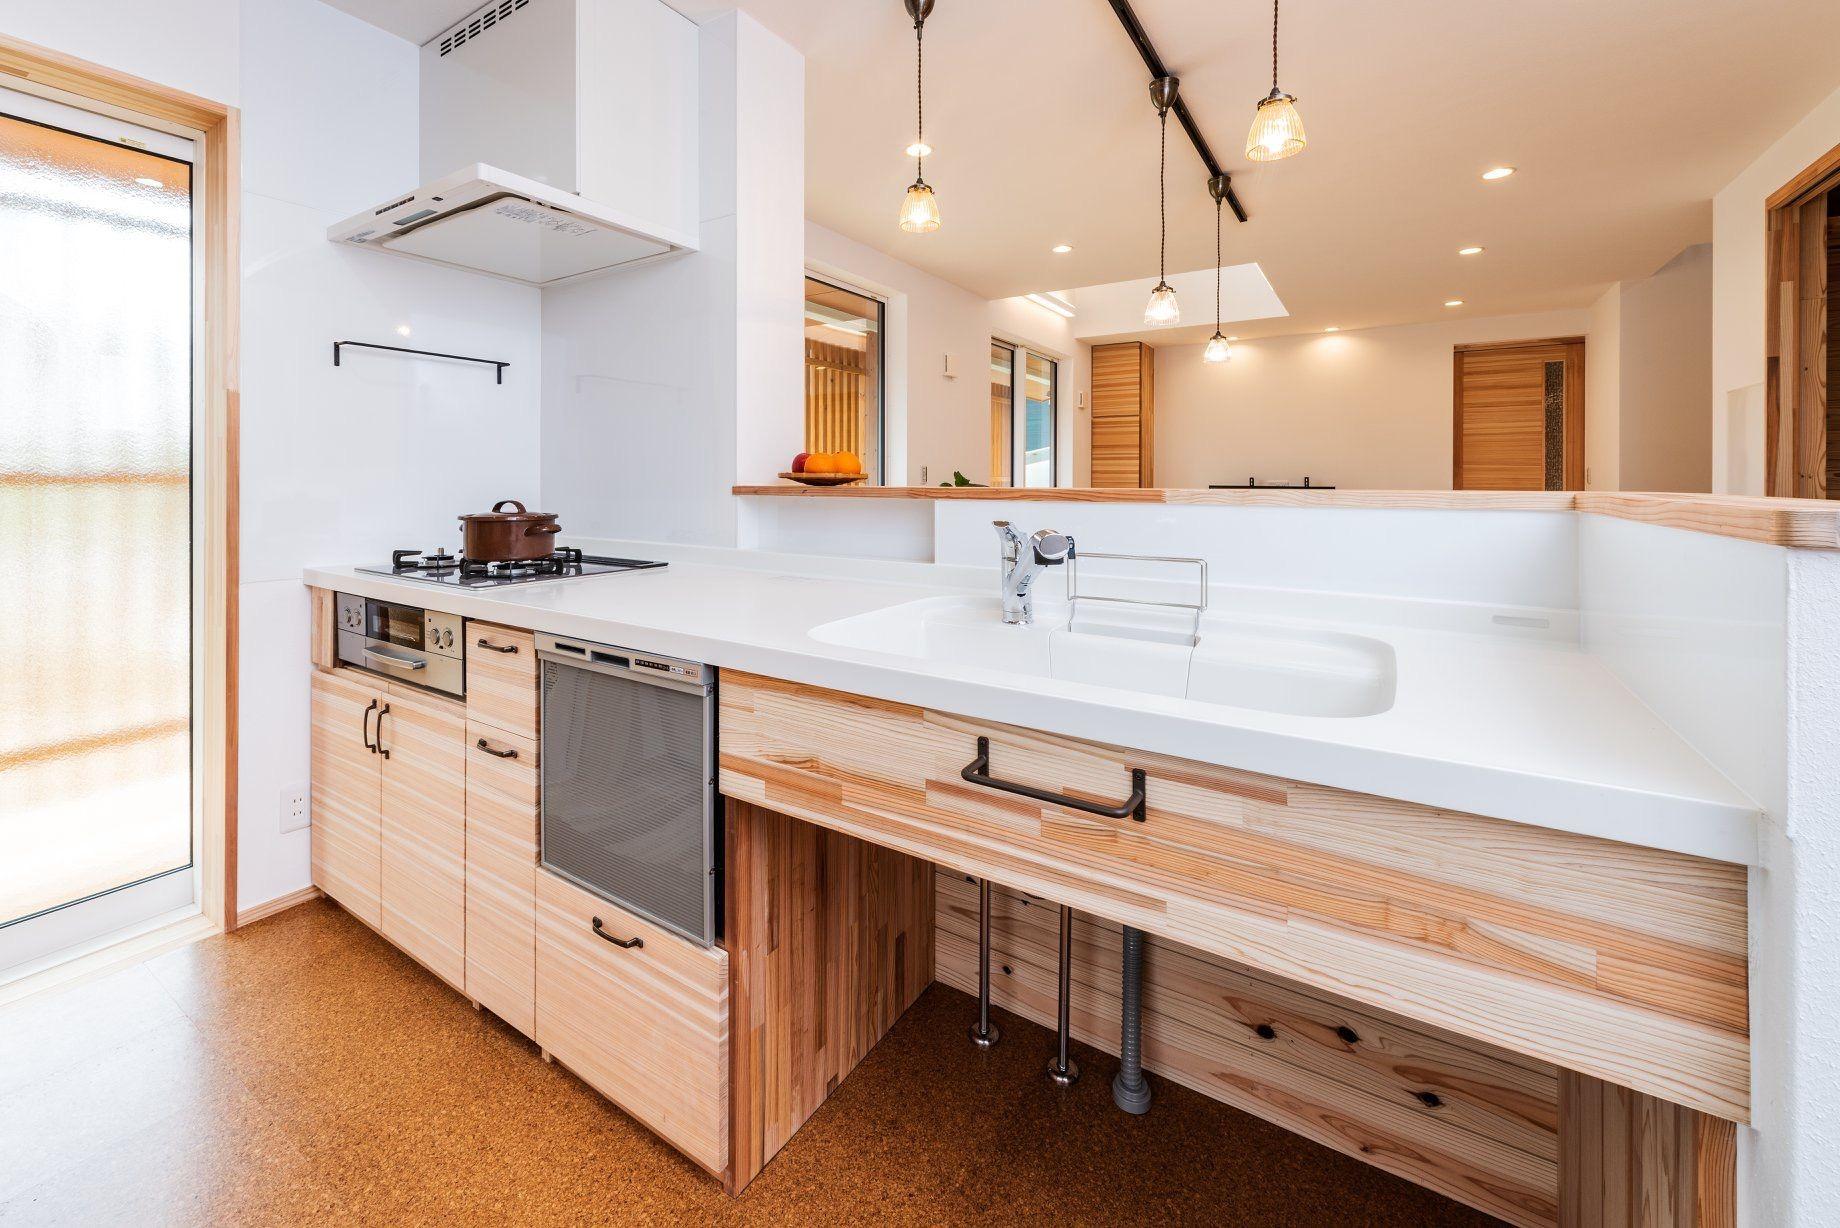 人大の造作キッチン 福岡 飯塚で注文住宅を手がける三宅建築工房 造作キッチン キッチン システムキッチン